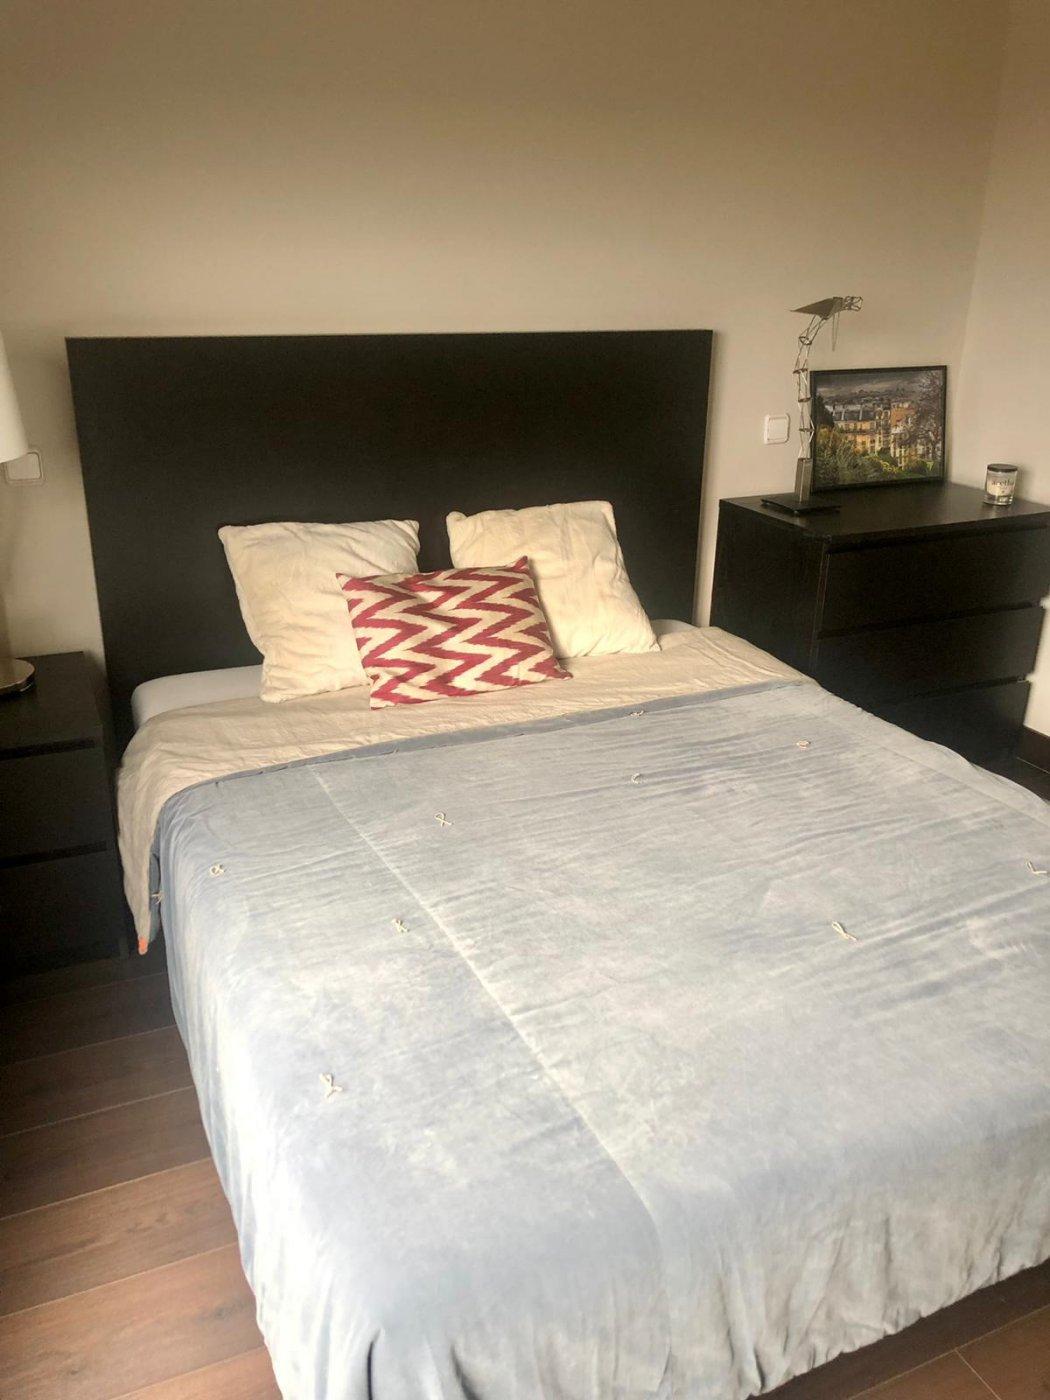 Venta o alquiler de piso en madrid - imagenInmueble16